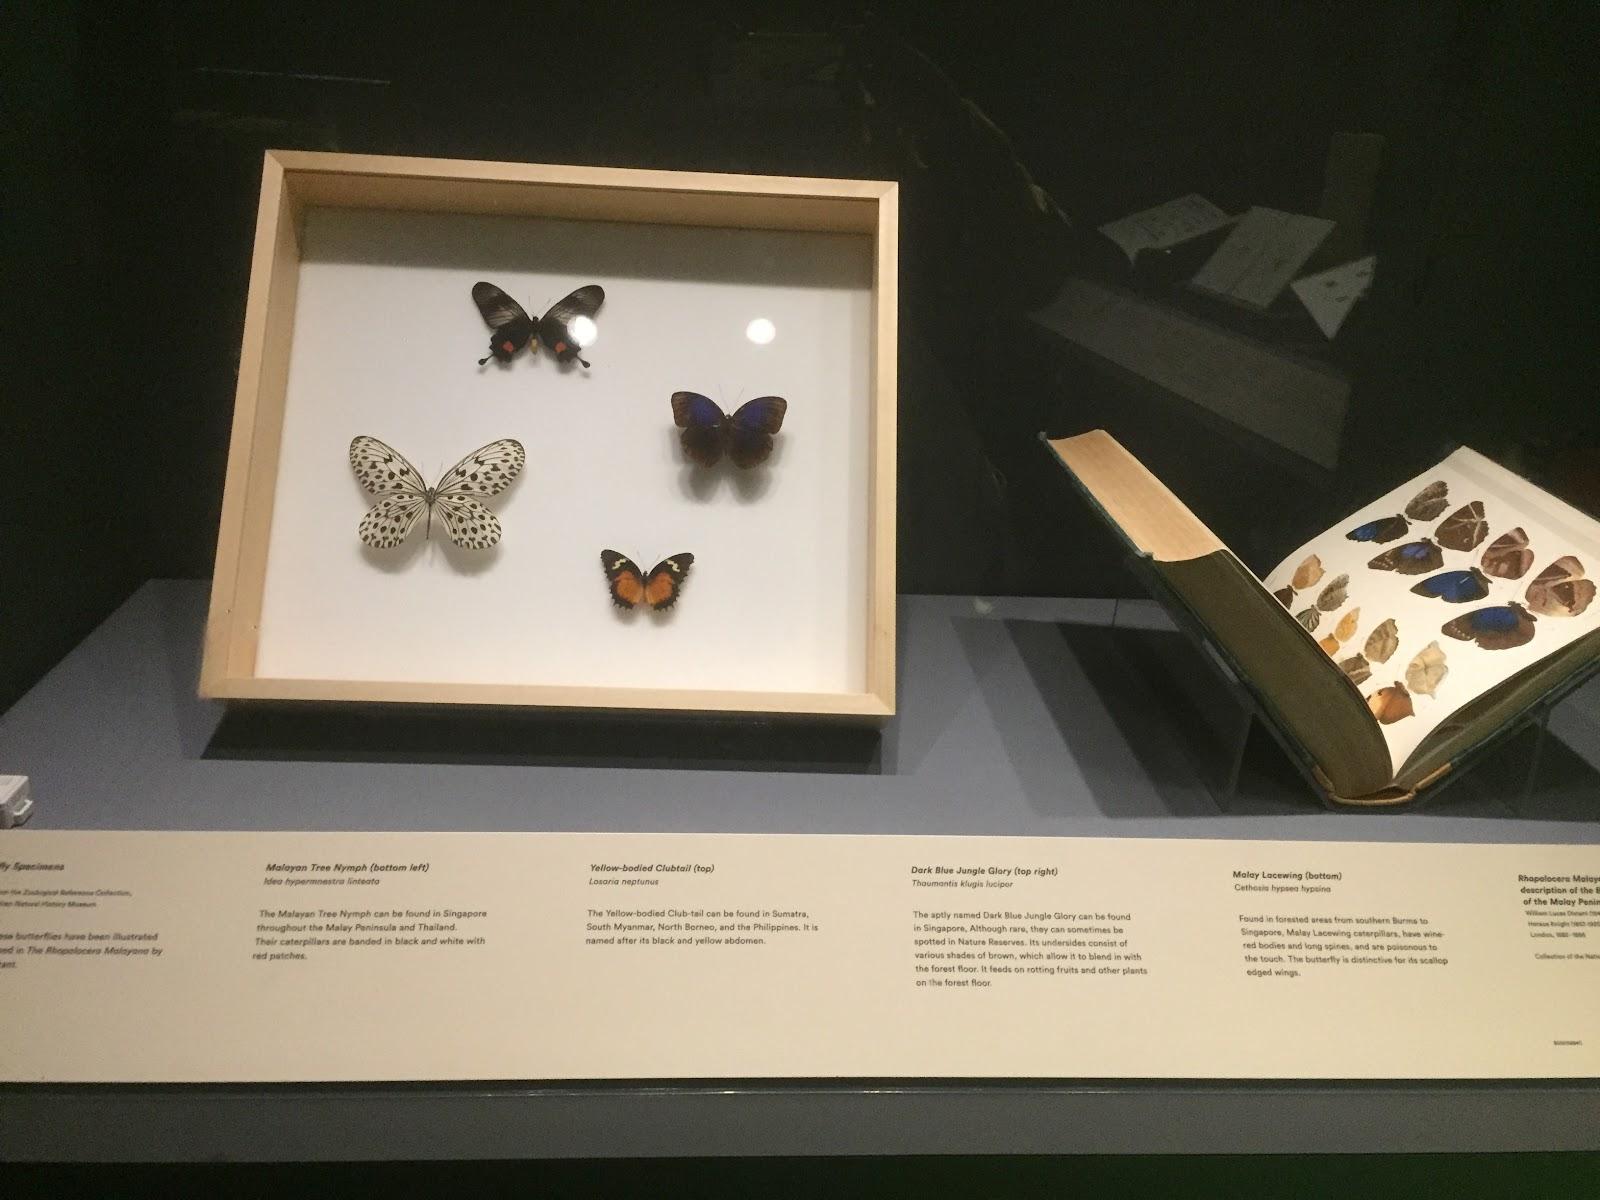 Preserved butterfly specimen